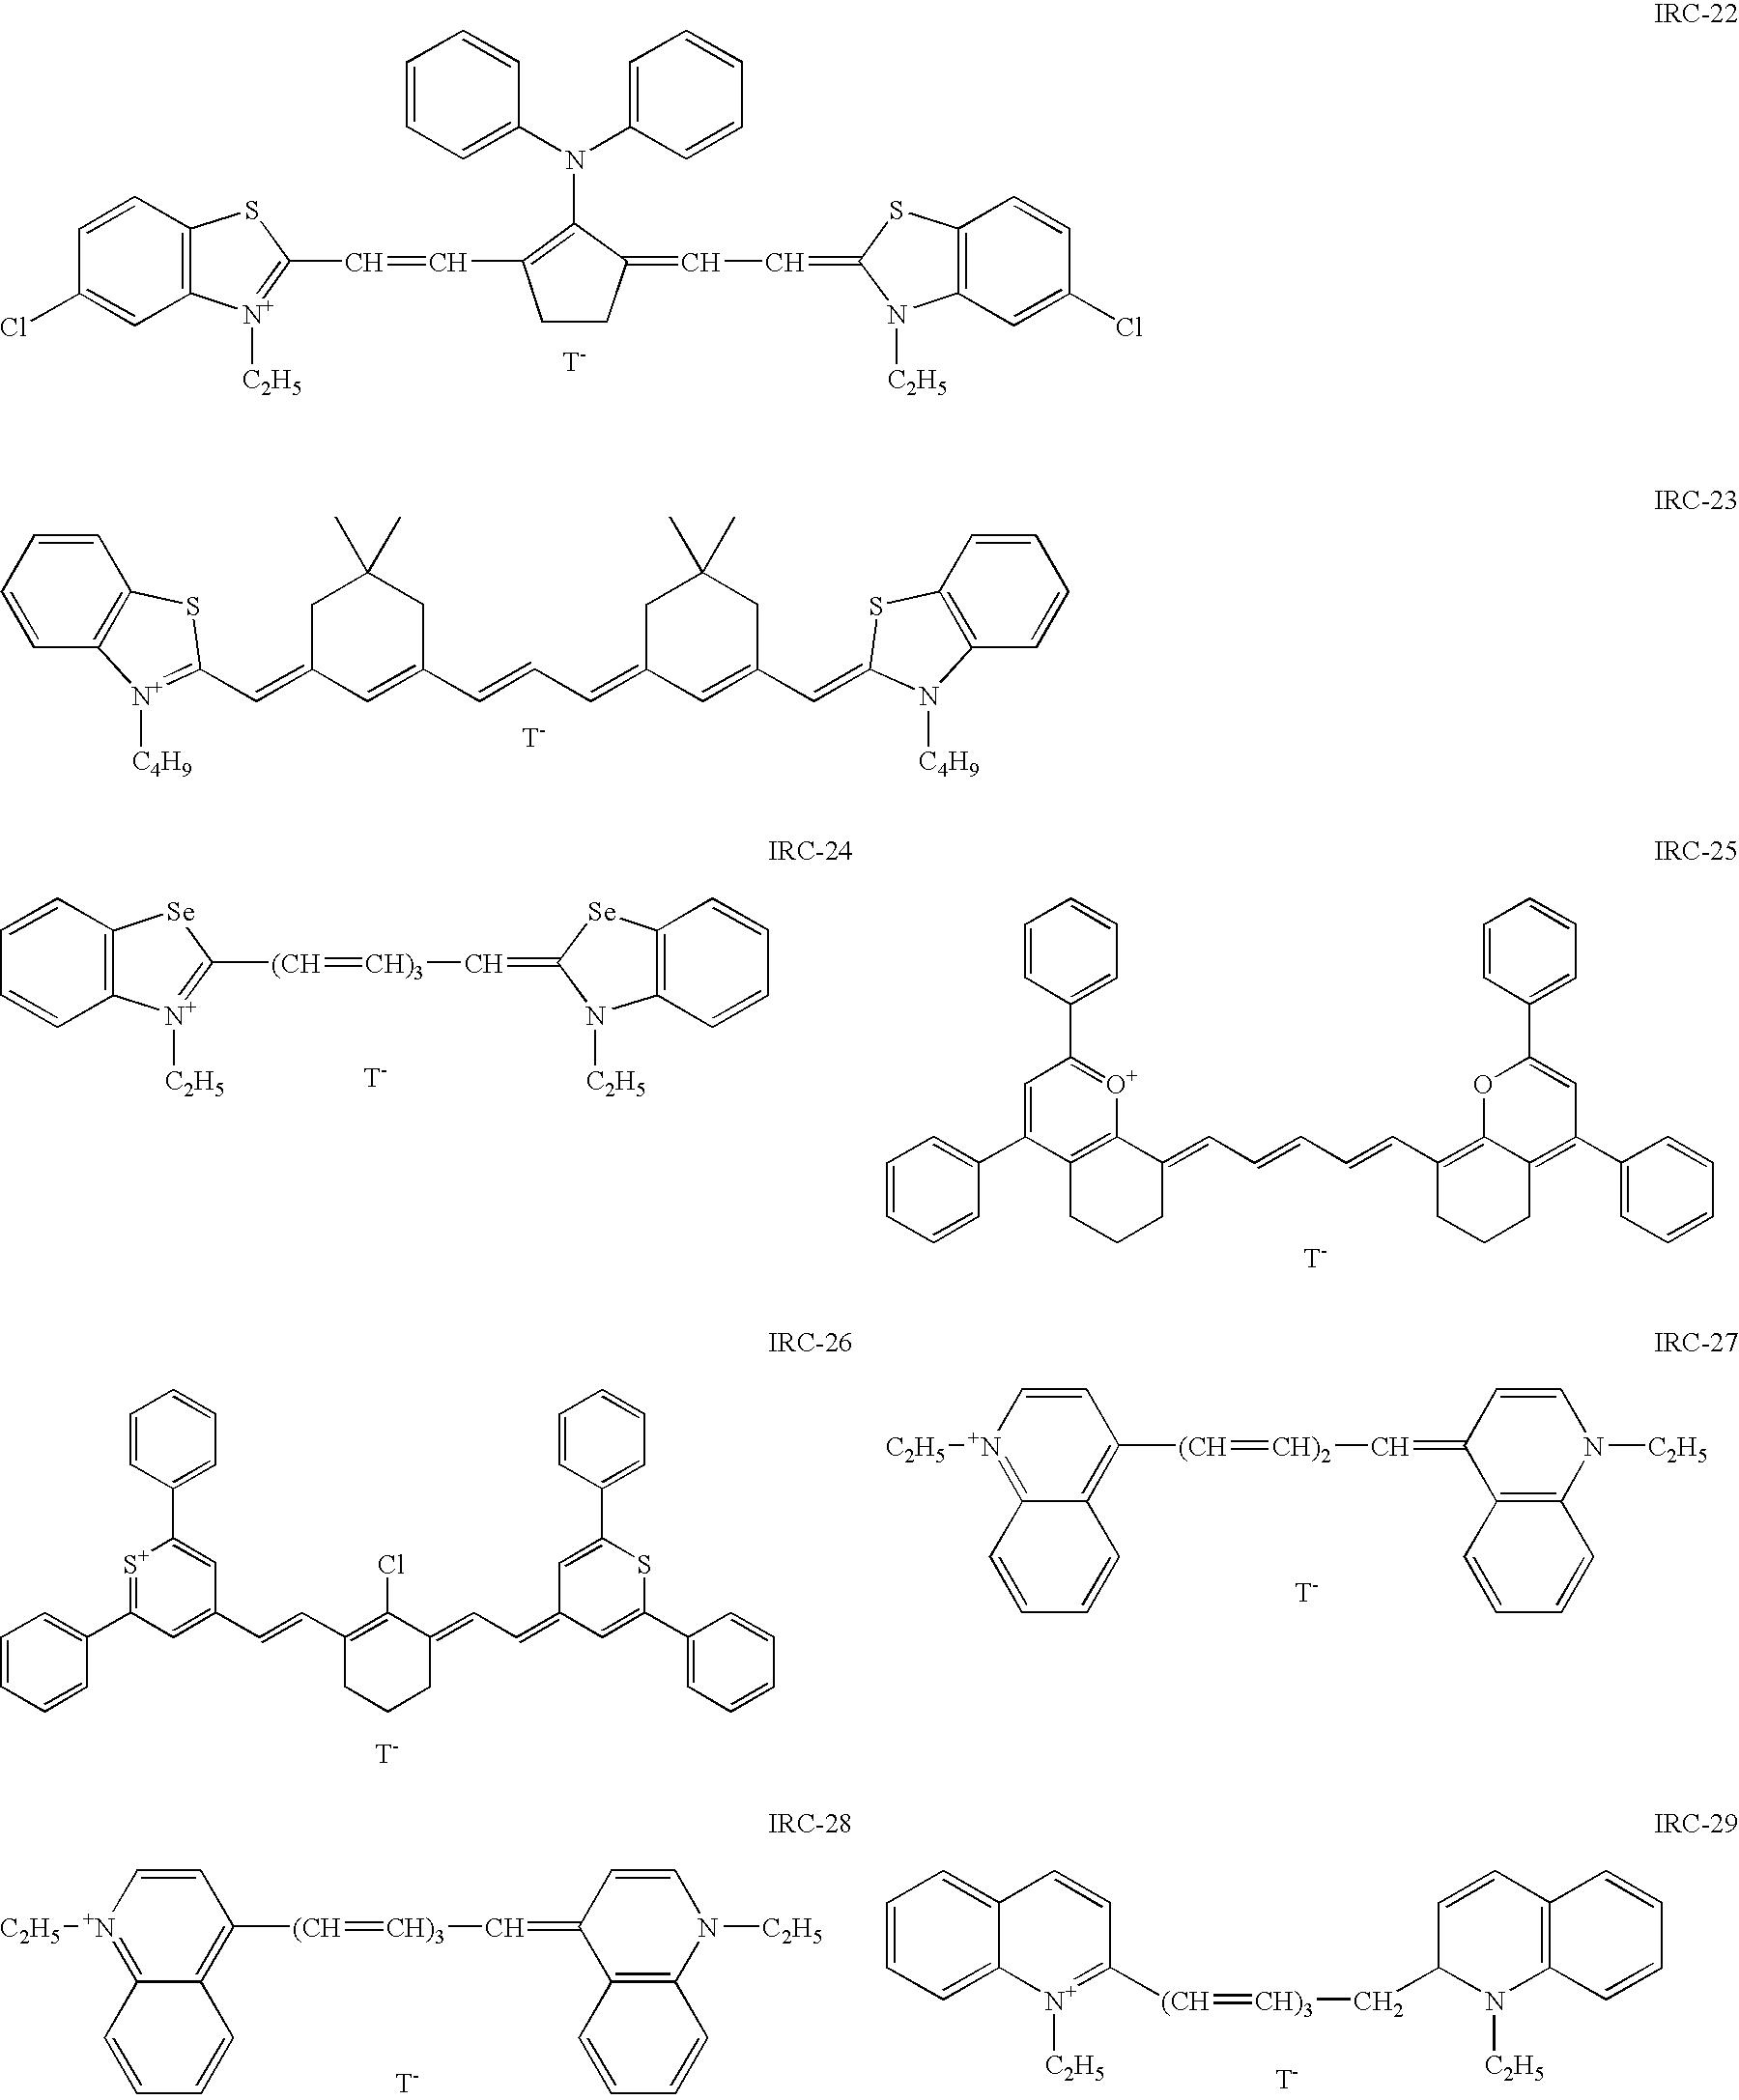 Figure US07351773-20080401-C00023